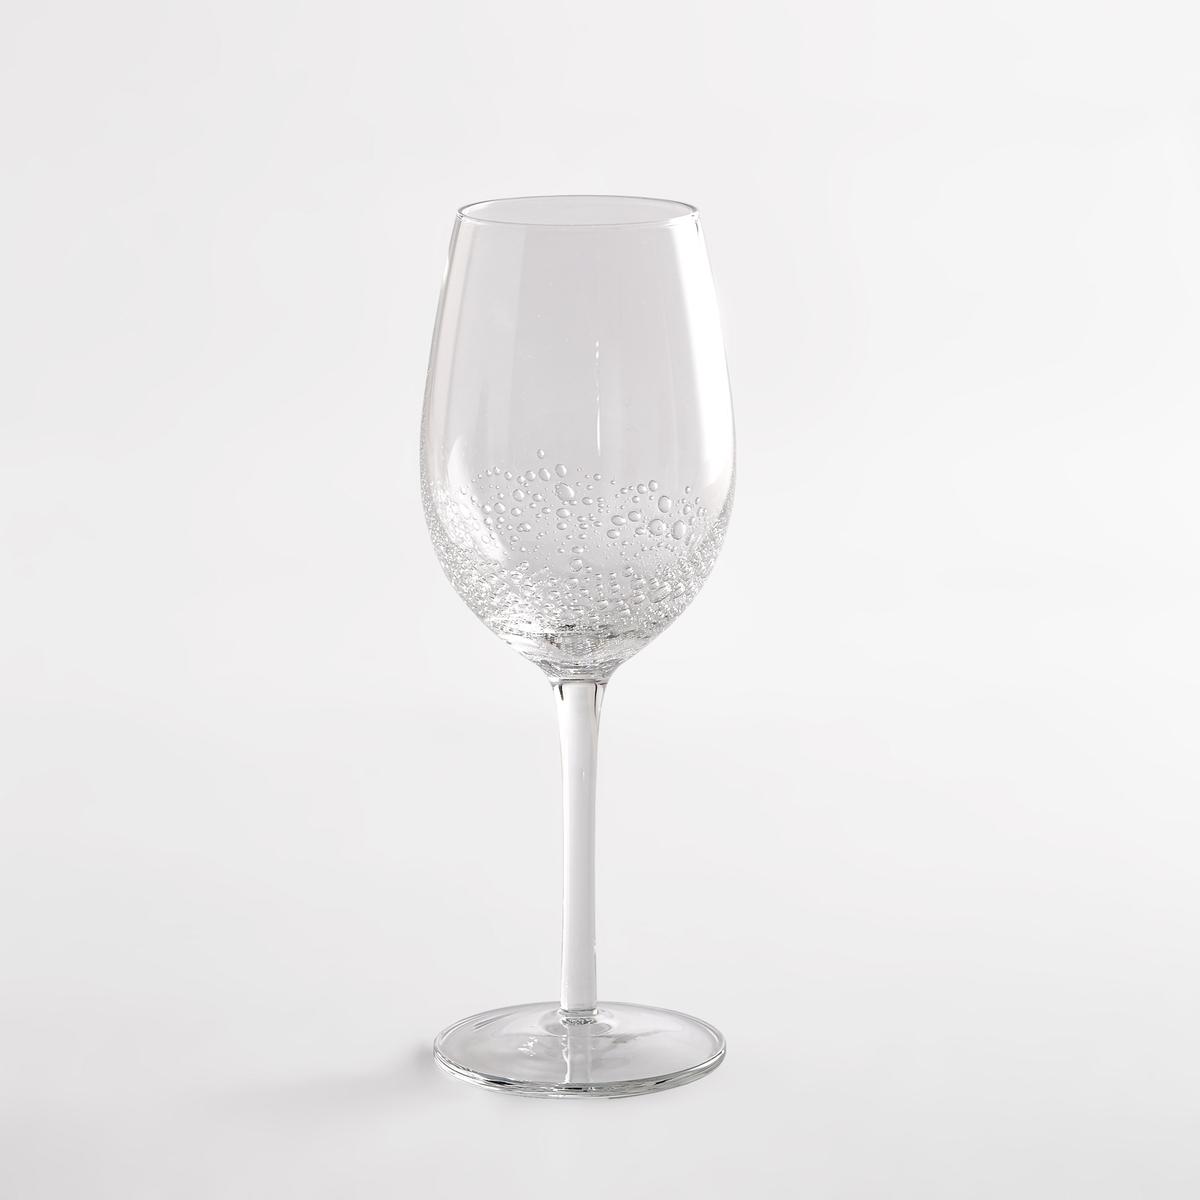 Комплект из 4 бокалов под вино с пузырьками на дне, GALIO